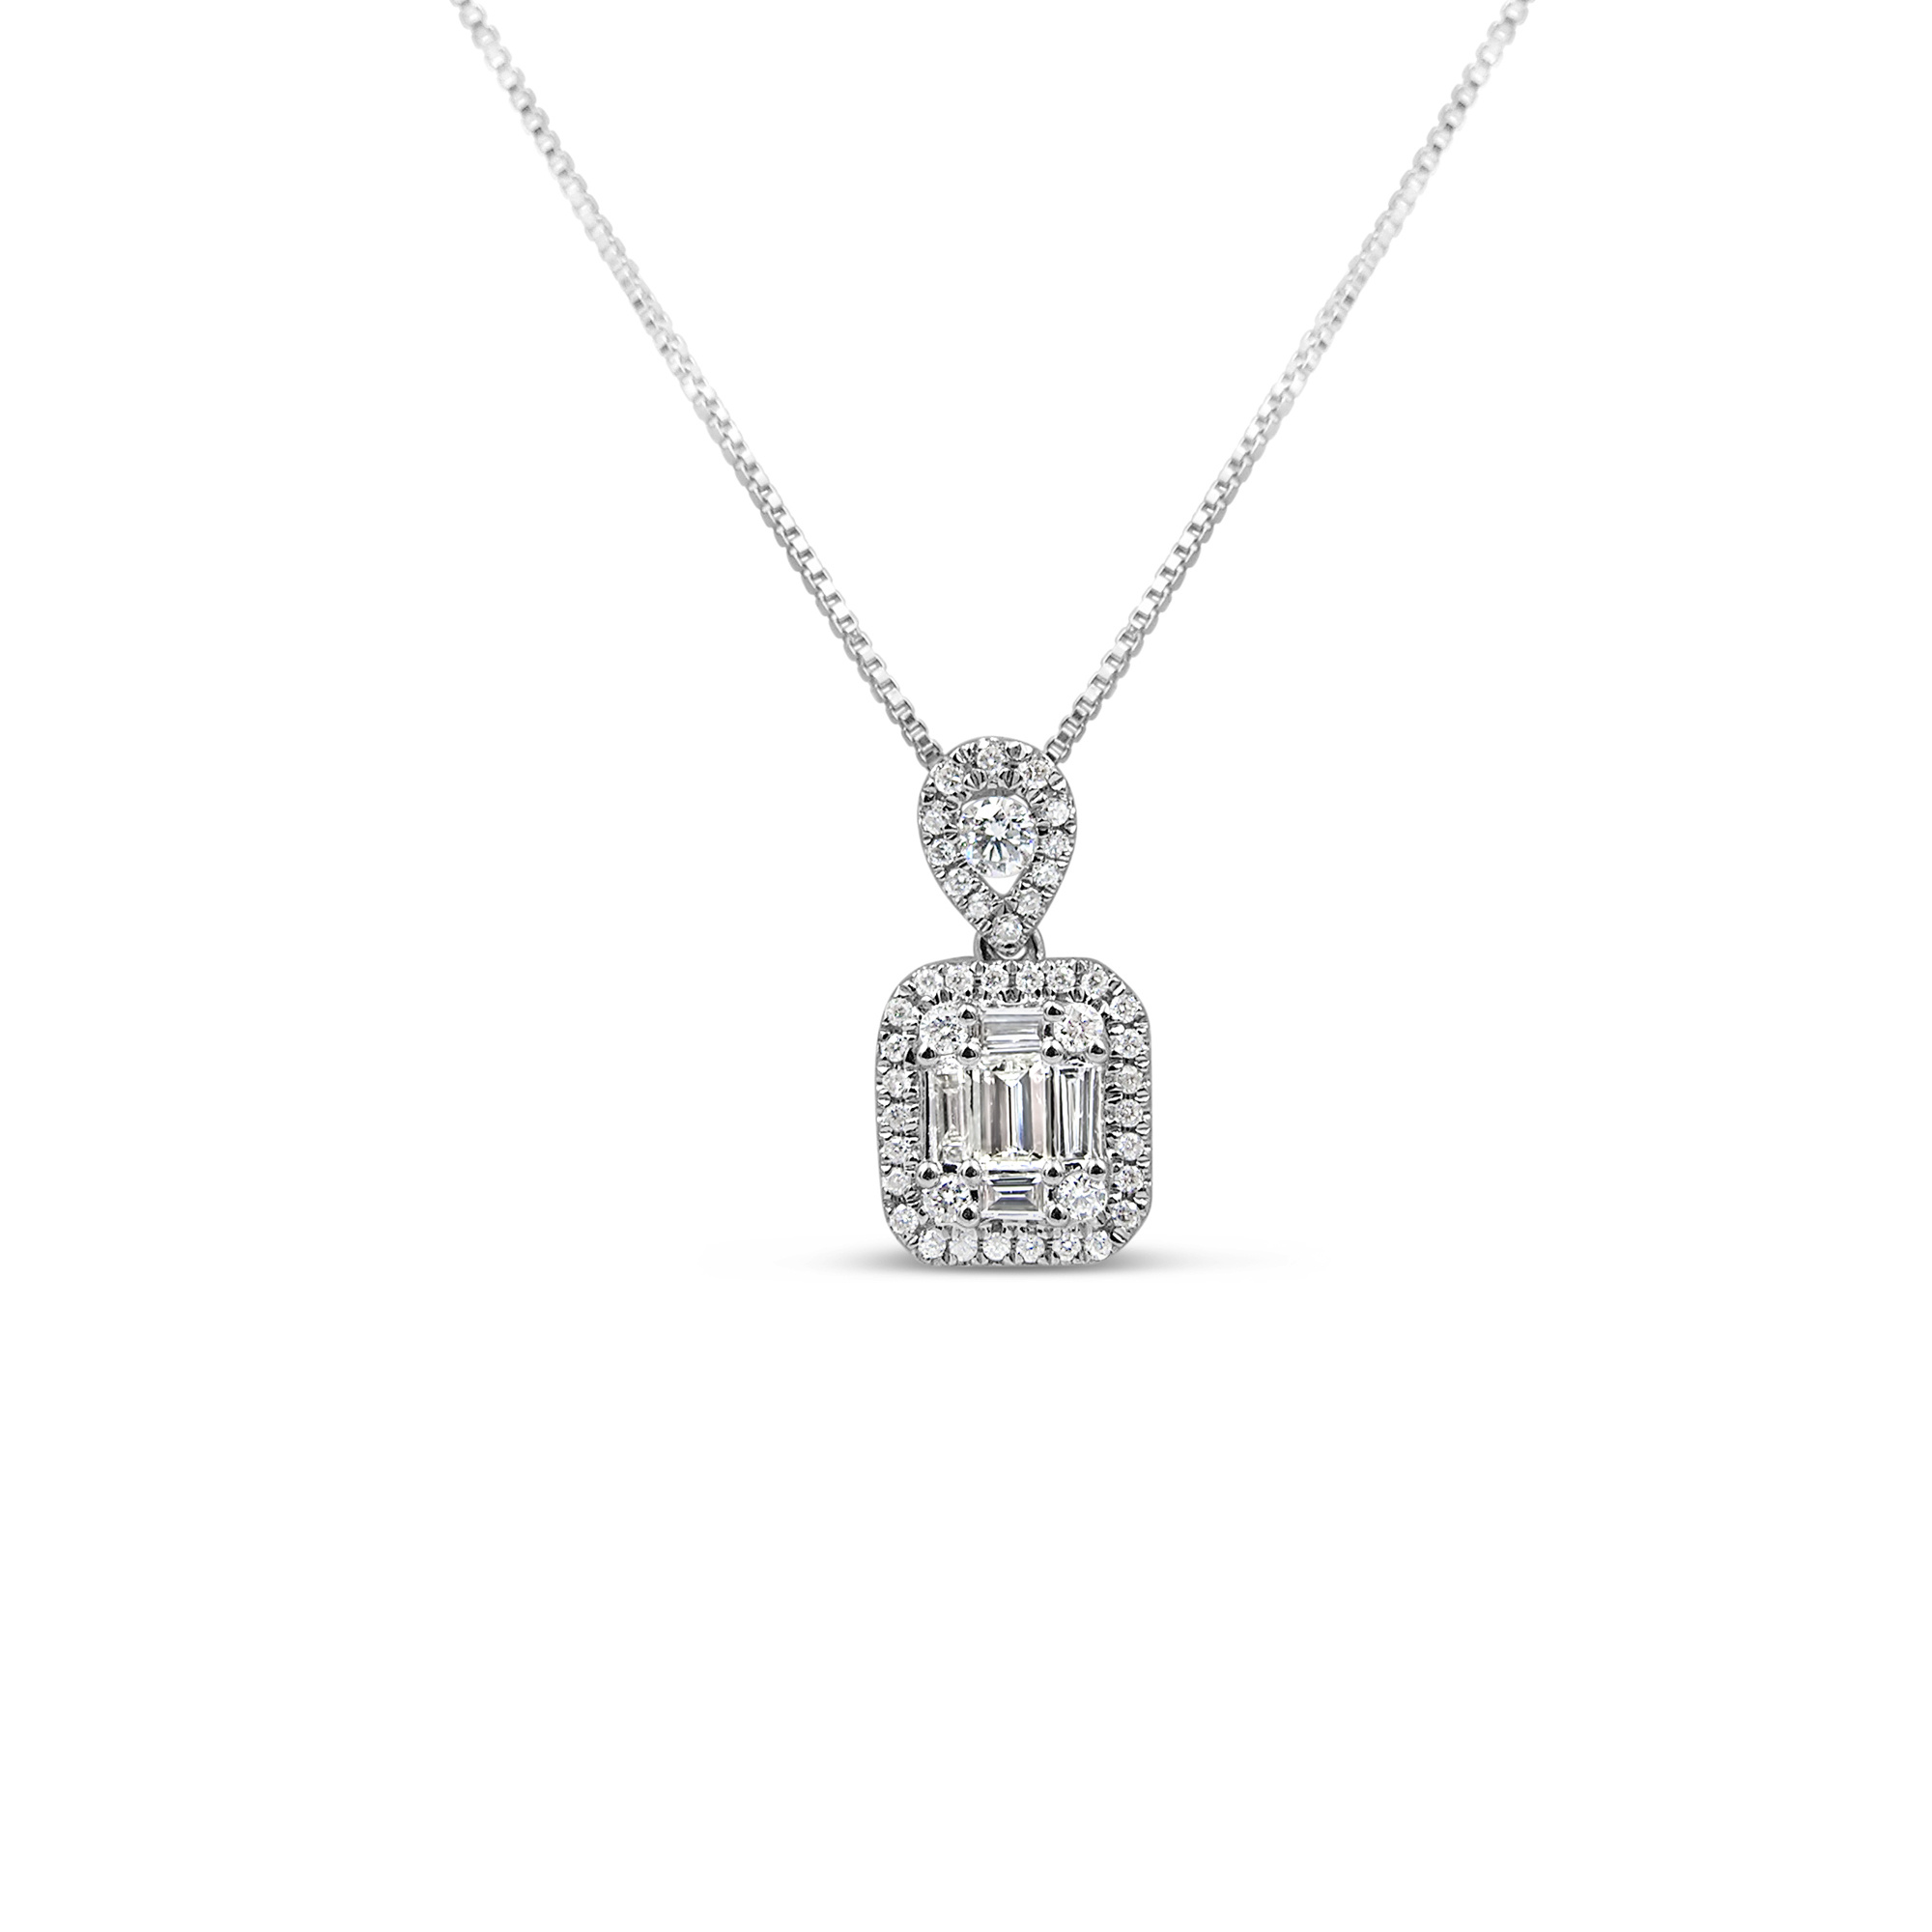 18kt wit goud hanger met 0.29 ct diamanten